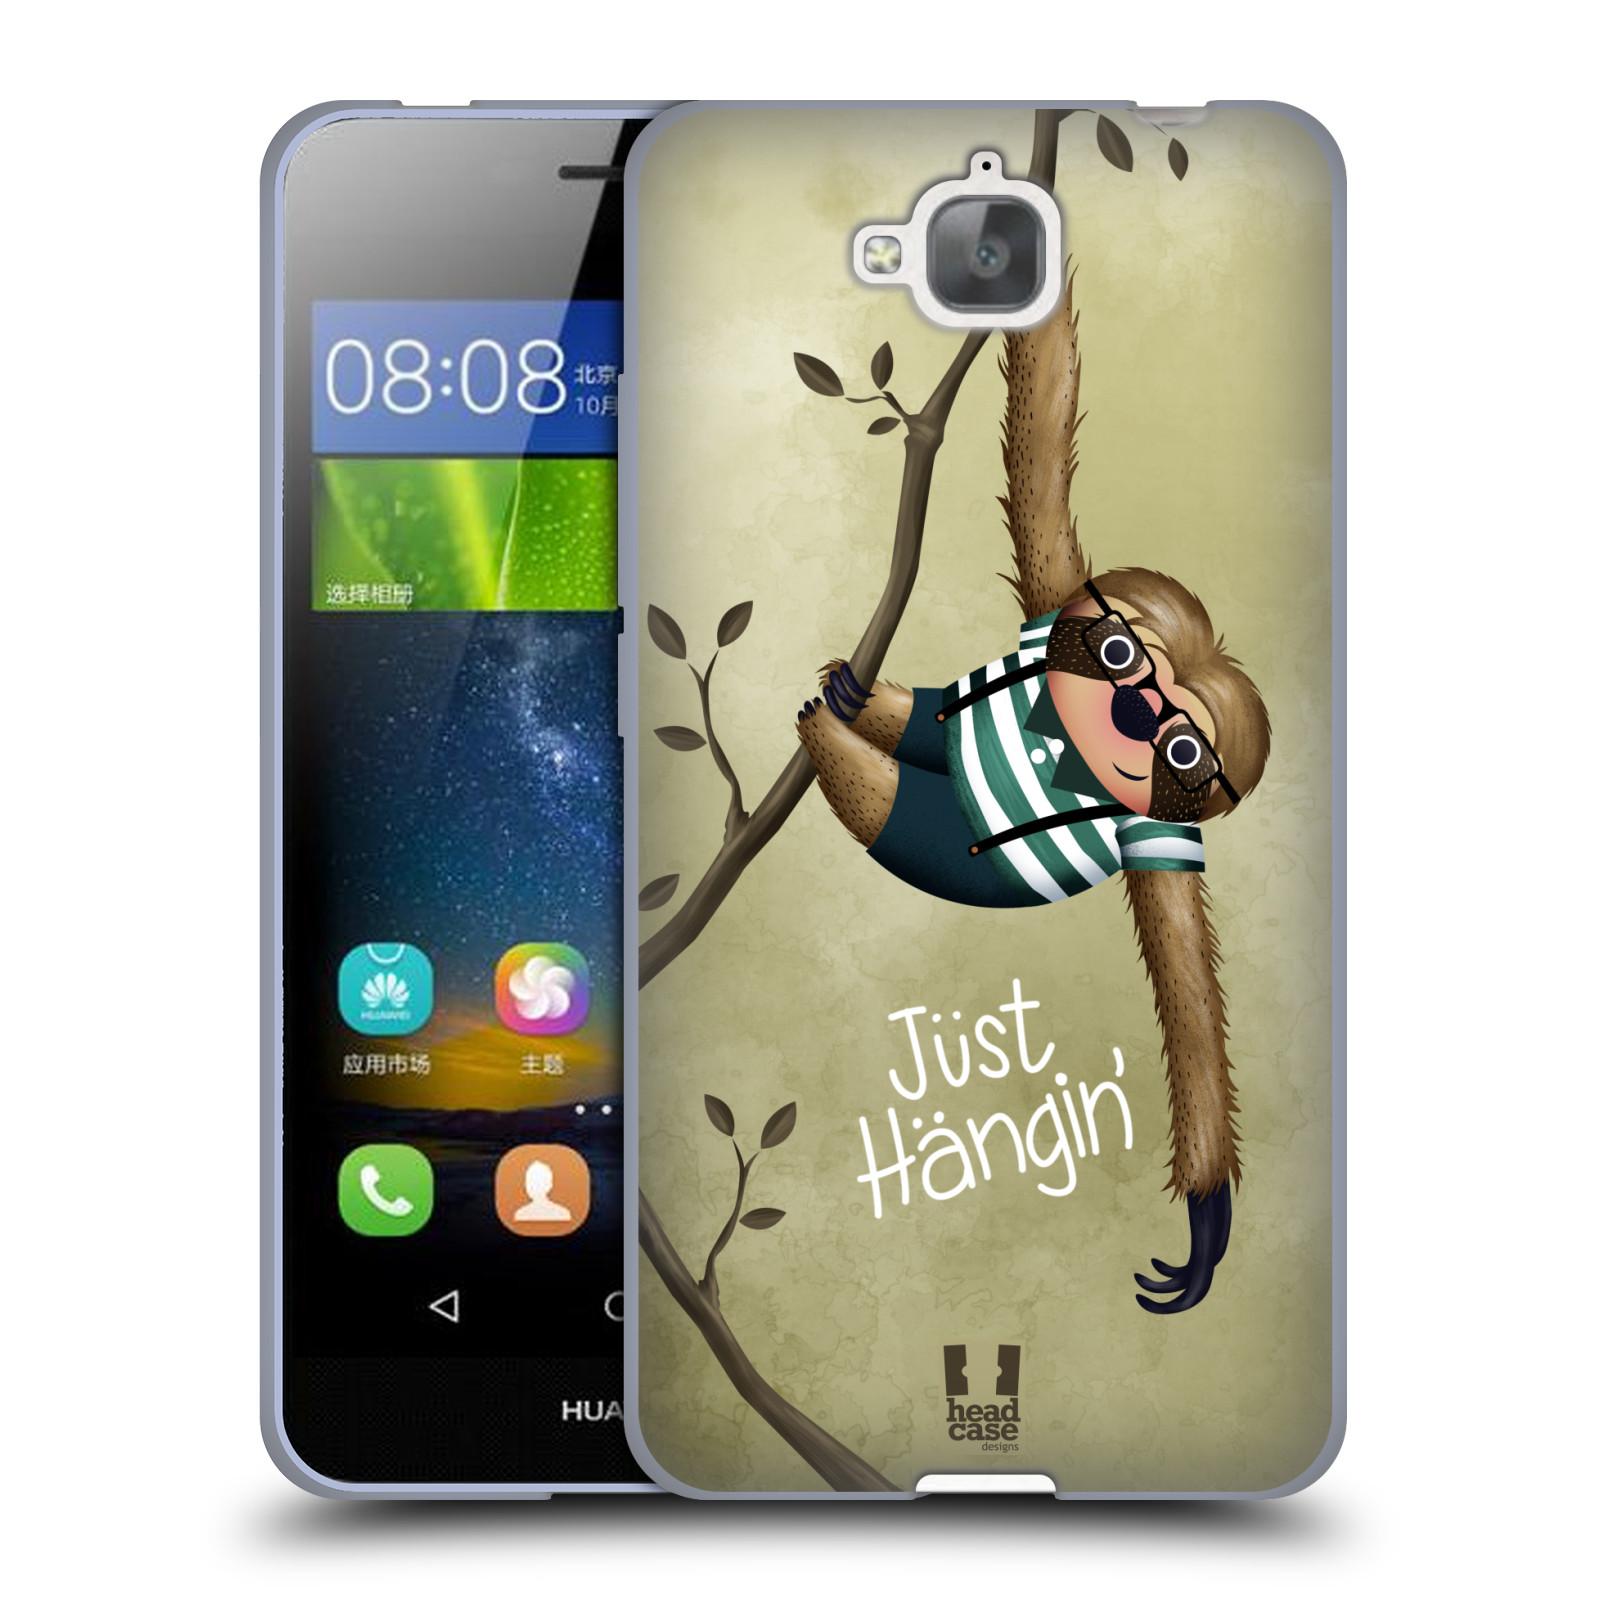 Silikonové pouzdro na mobil Huawei Y6 Pro Dual Sim HEAD CASE Lenochod Just Hangin